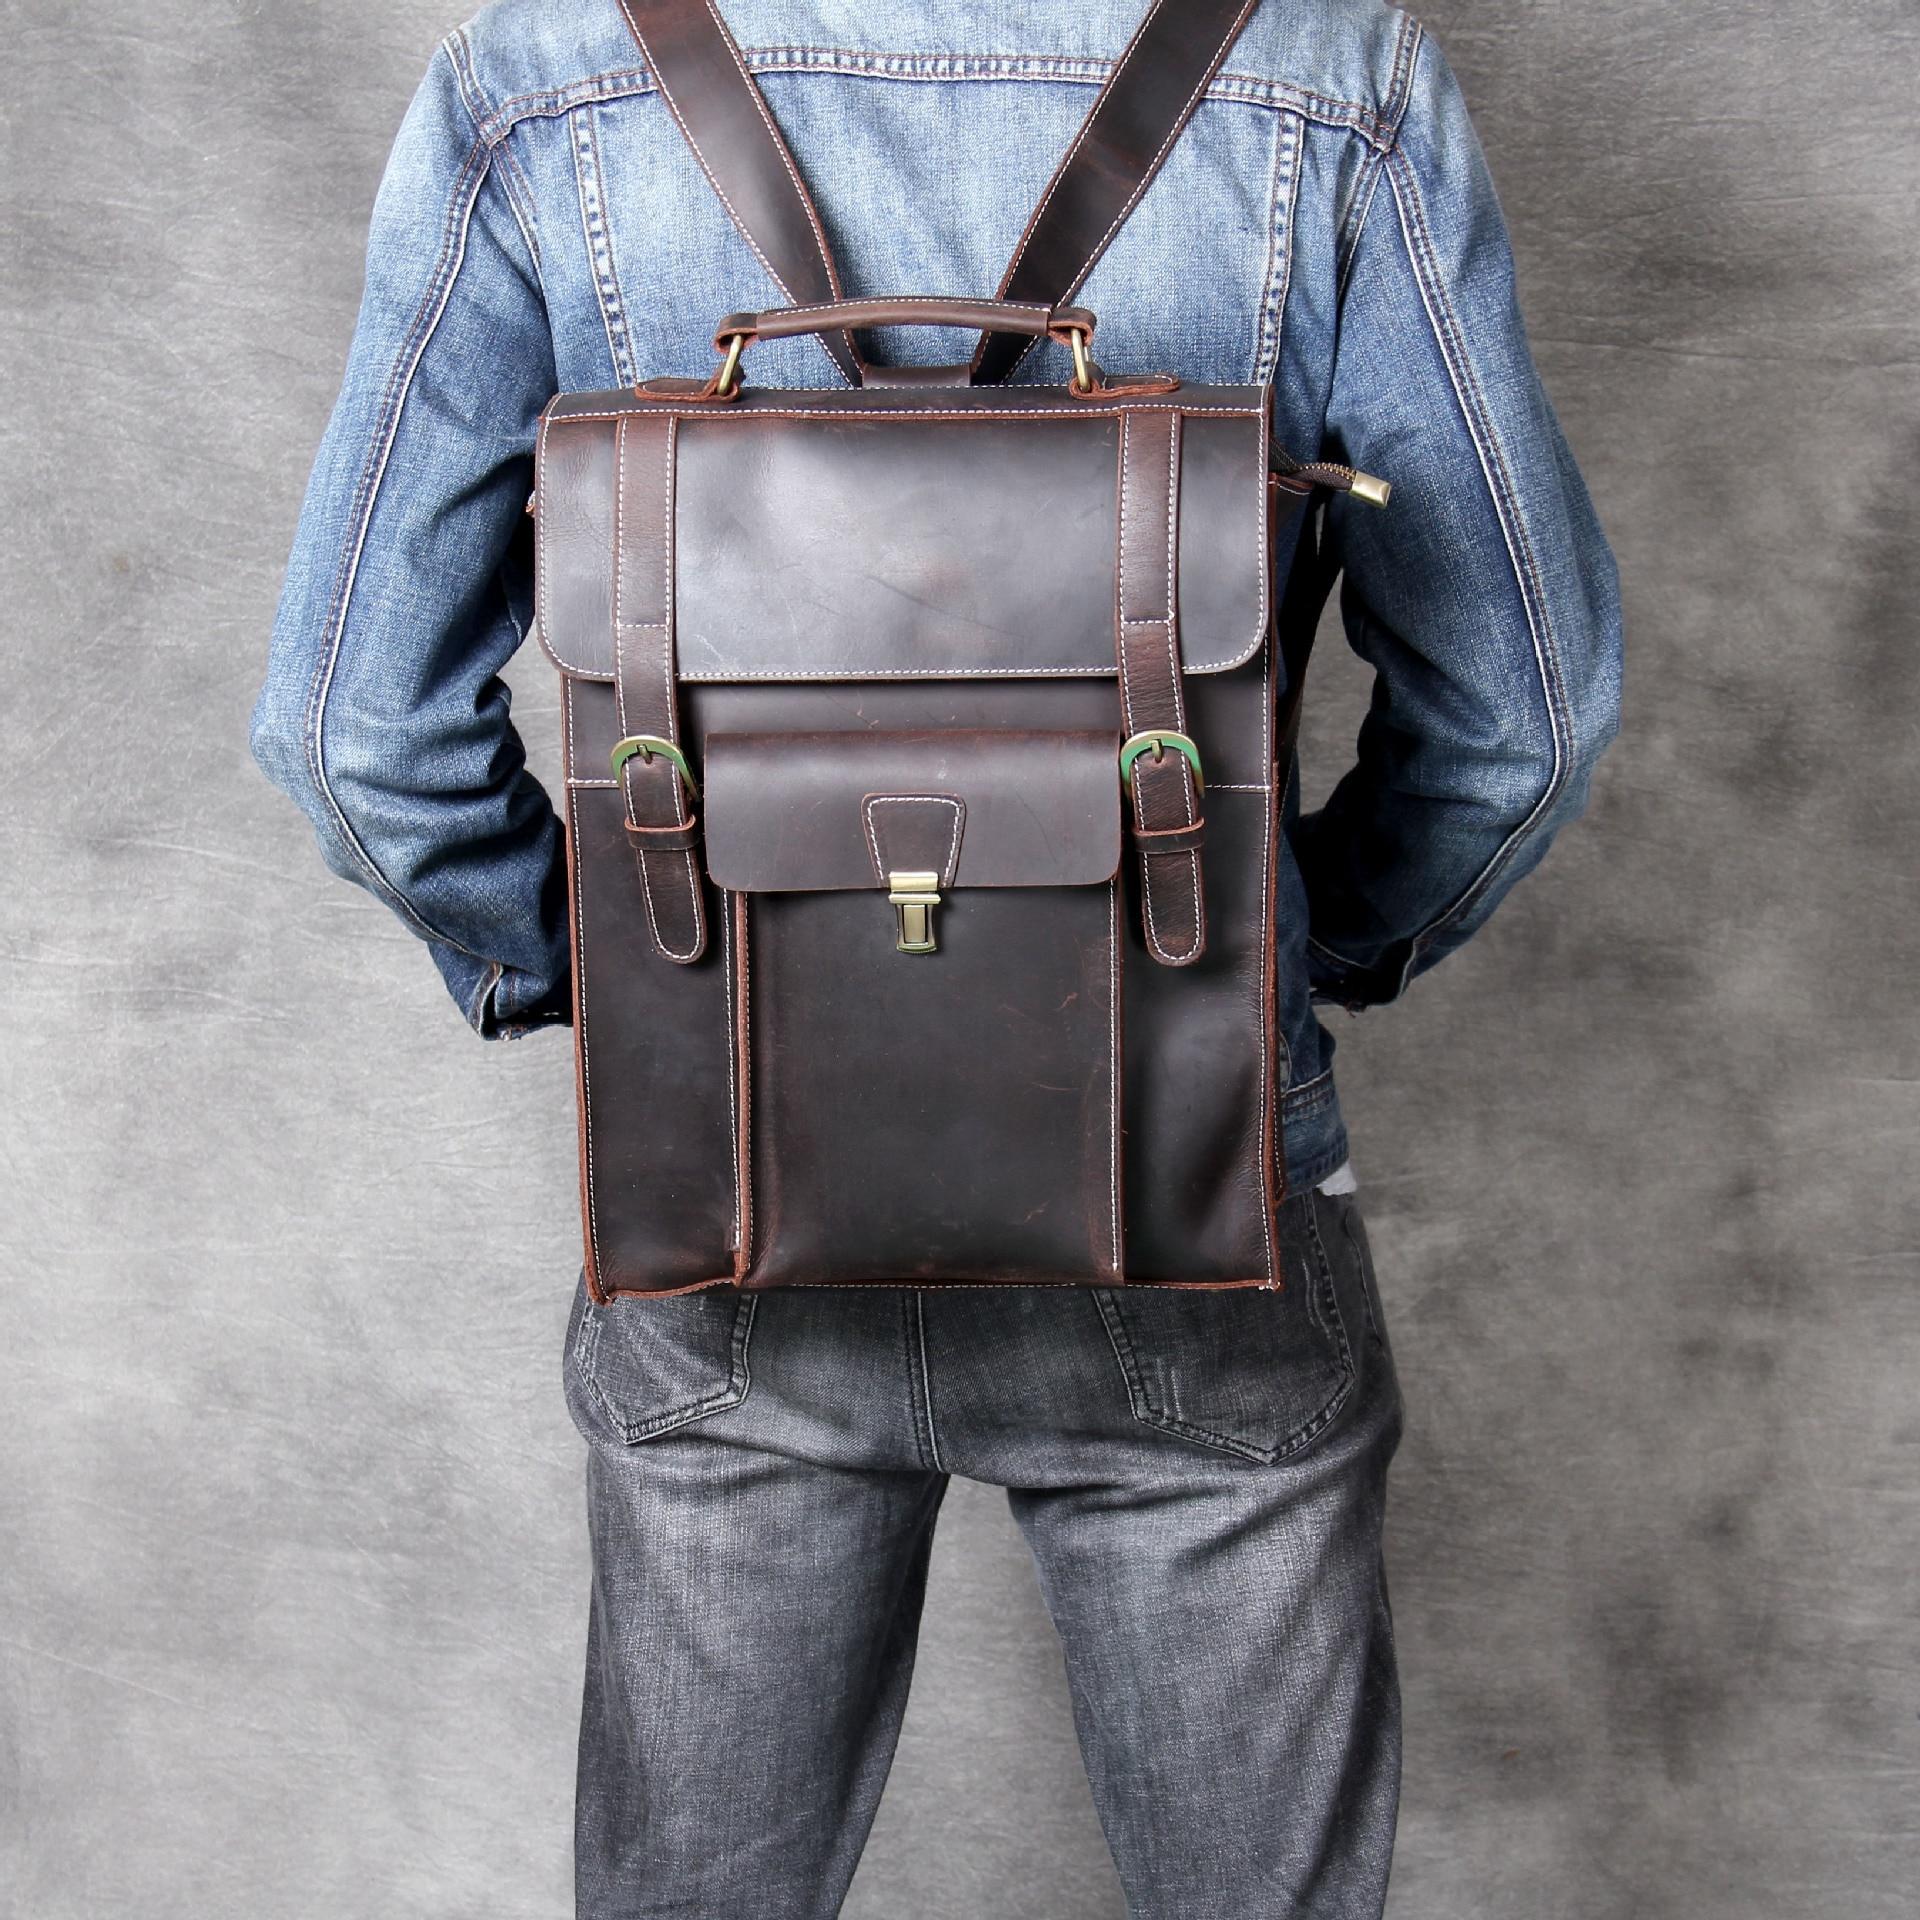 Sac à dos en cuir véritable sac pour hommes Crazy Horse cuir rétro sac à dos en cuir de vachette nouveau sac 2019 Top qualité Vintage